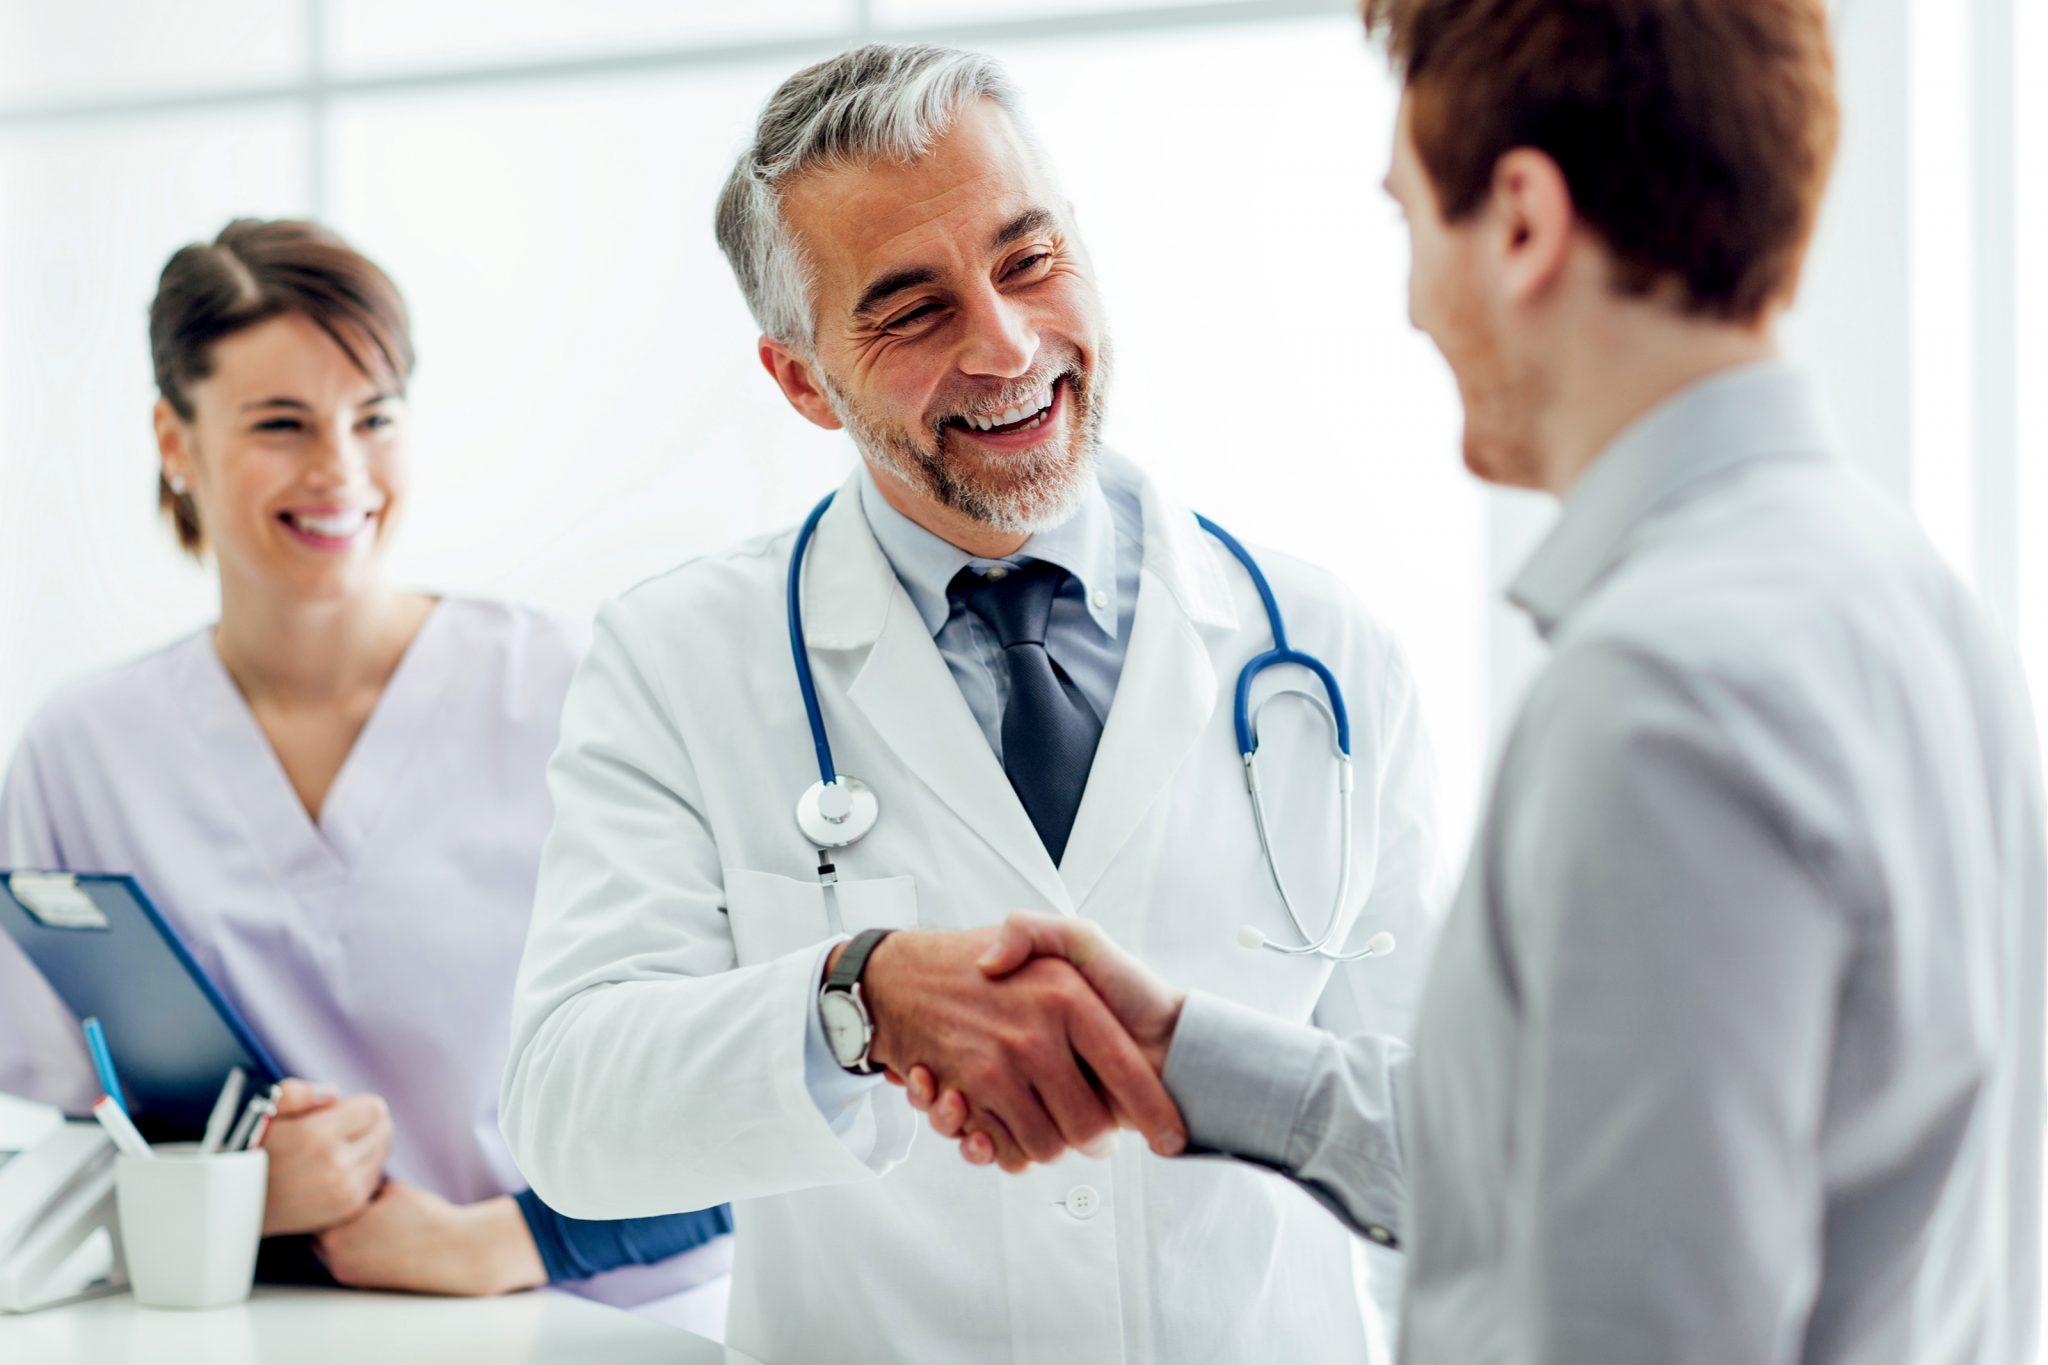 お医者さんと握手している患者さん